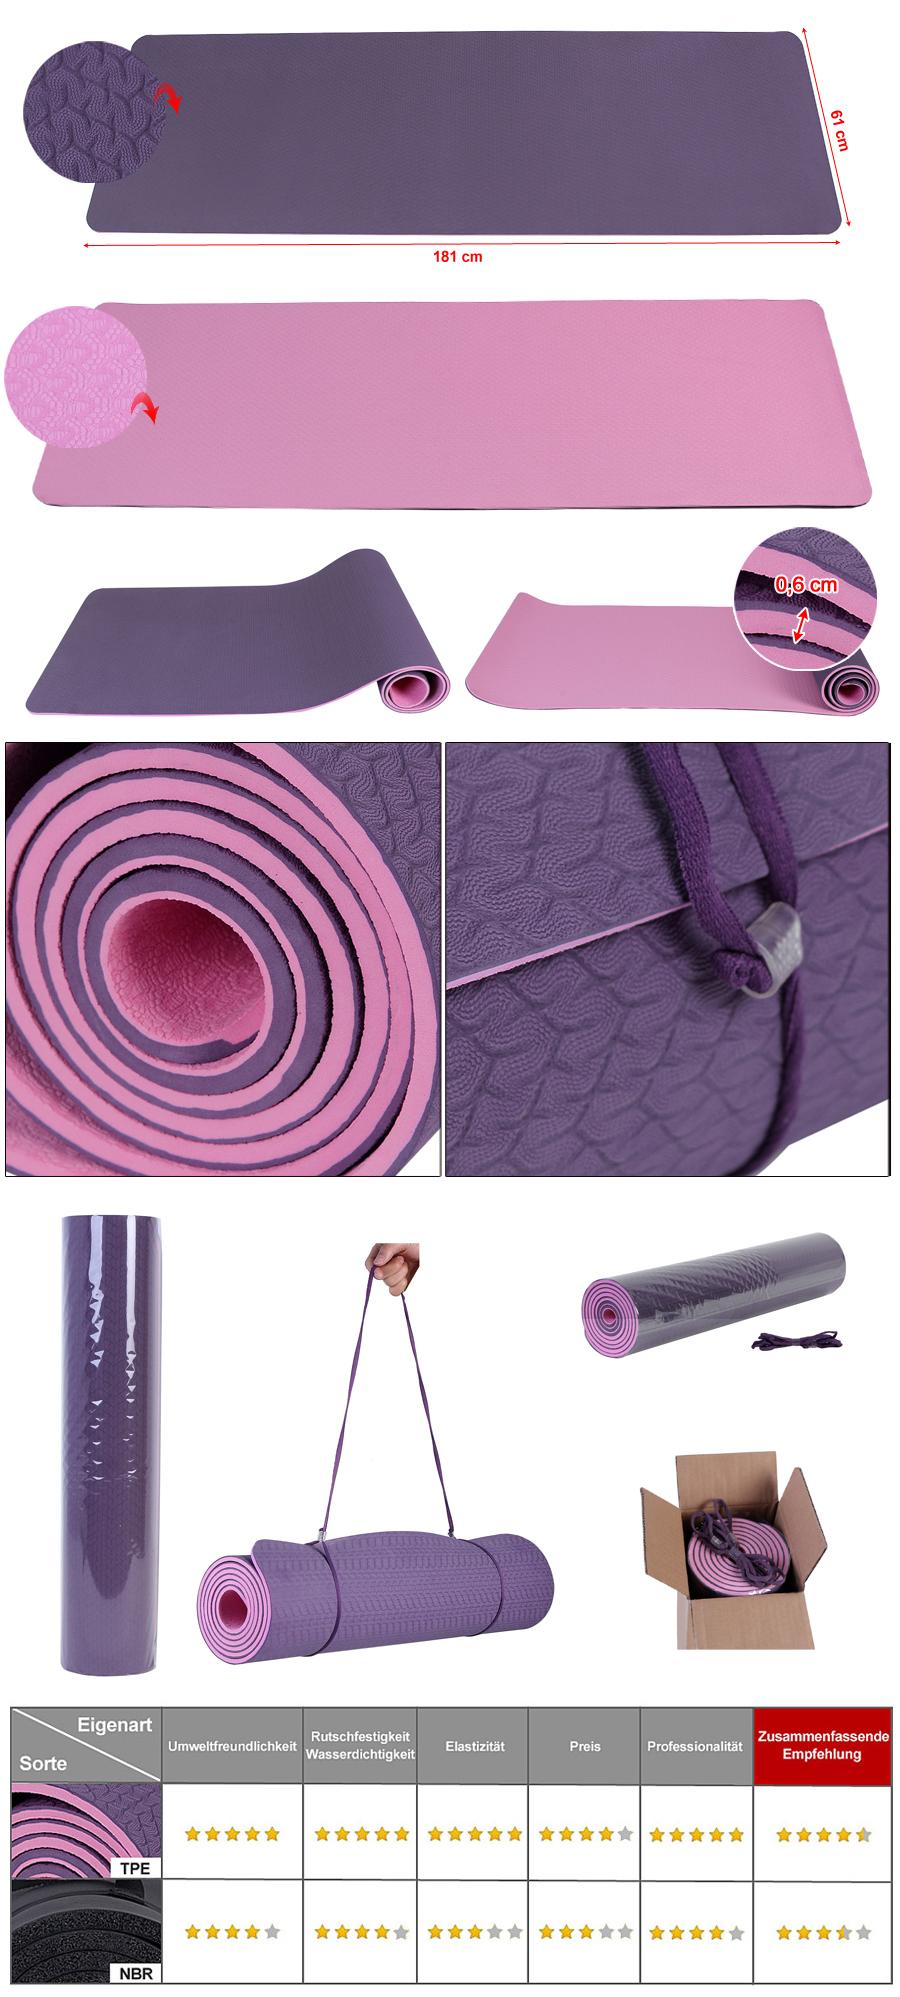 songmics tpe yogamatte gymnastikmatte sportmatte. Black Bedroom Furniture Sets. Home Design Ideas